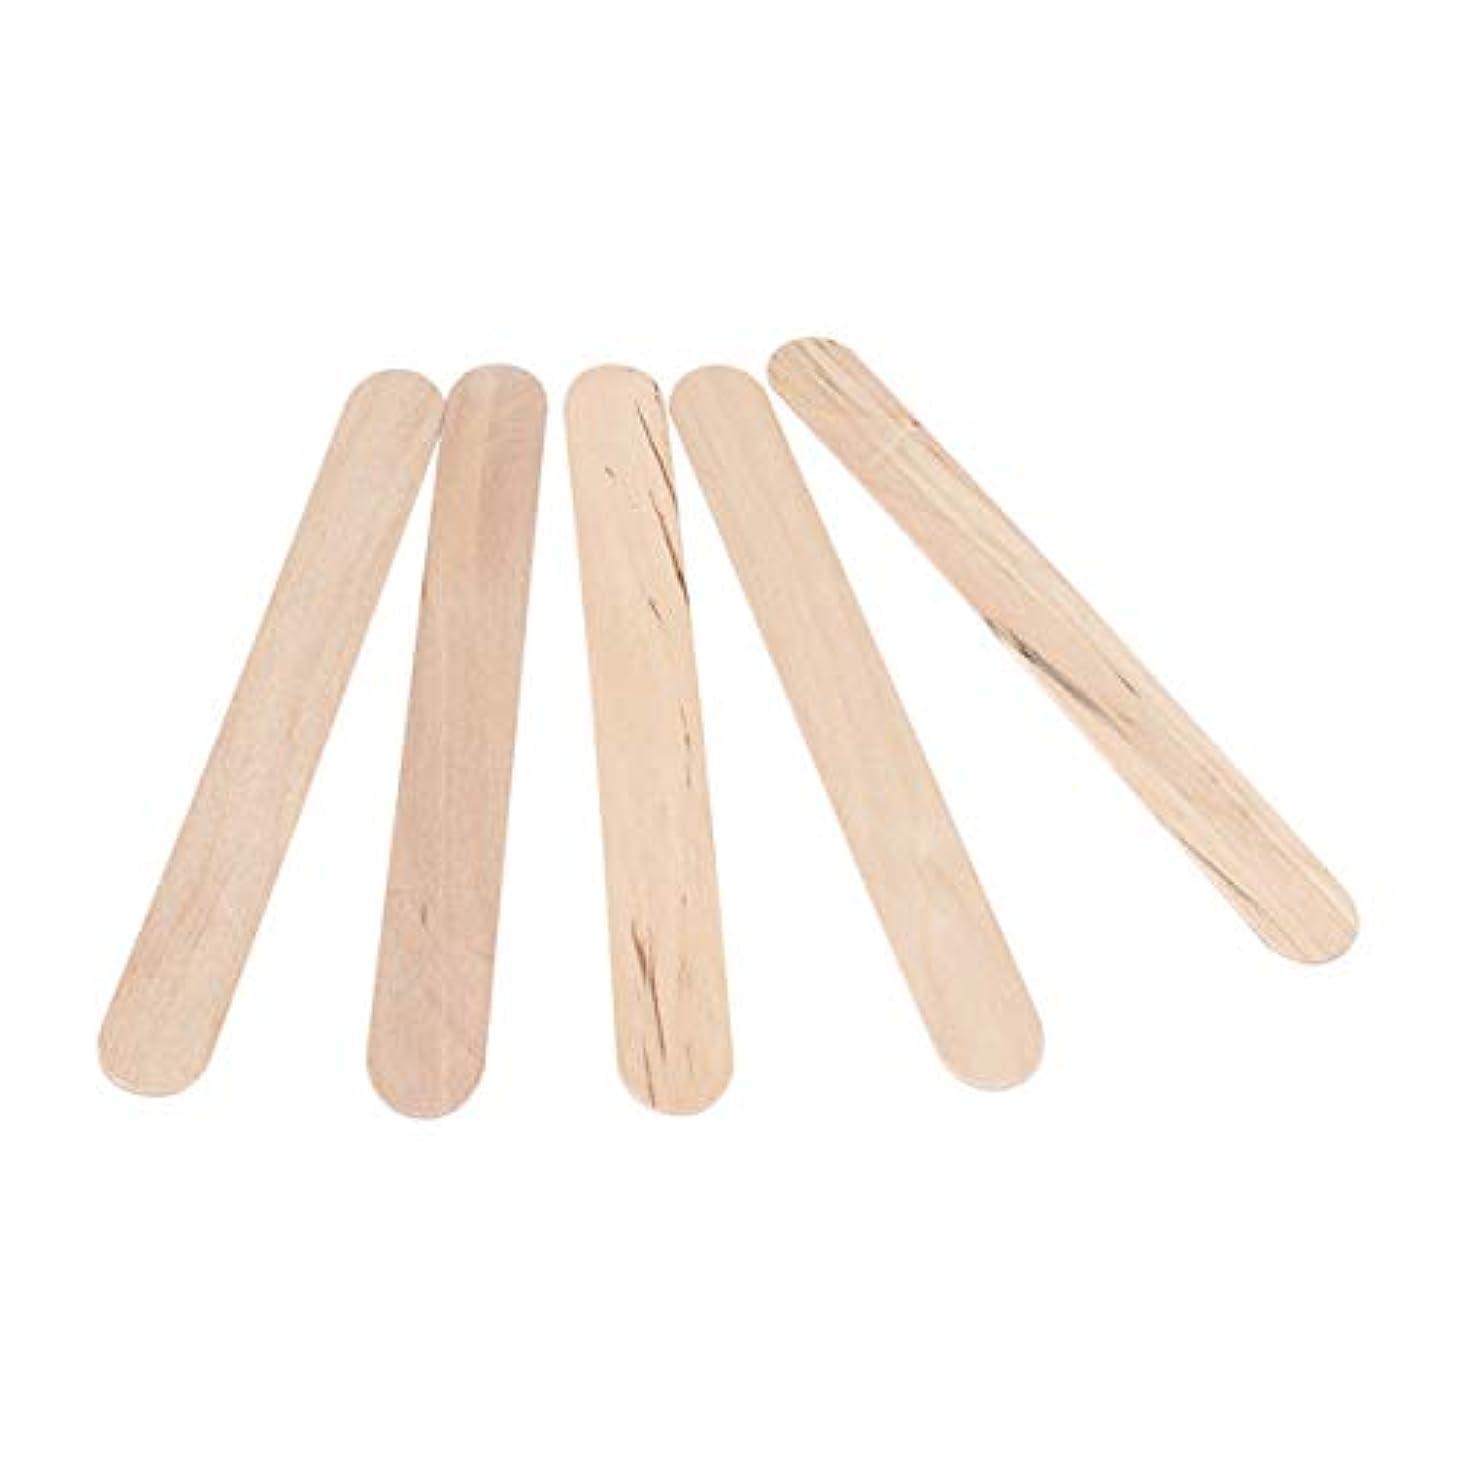 病弱指令年STOBOK 300PCSワックスは使い捨てワックスへらスティック木製のワックス塗布器は、木材舌圧子木製のアイスキャンデークラフトスティックスティック